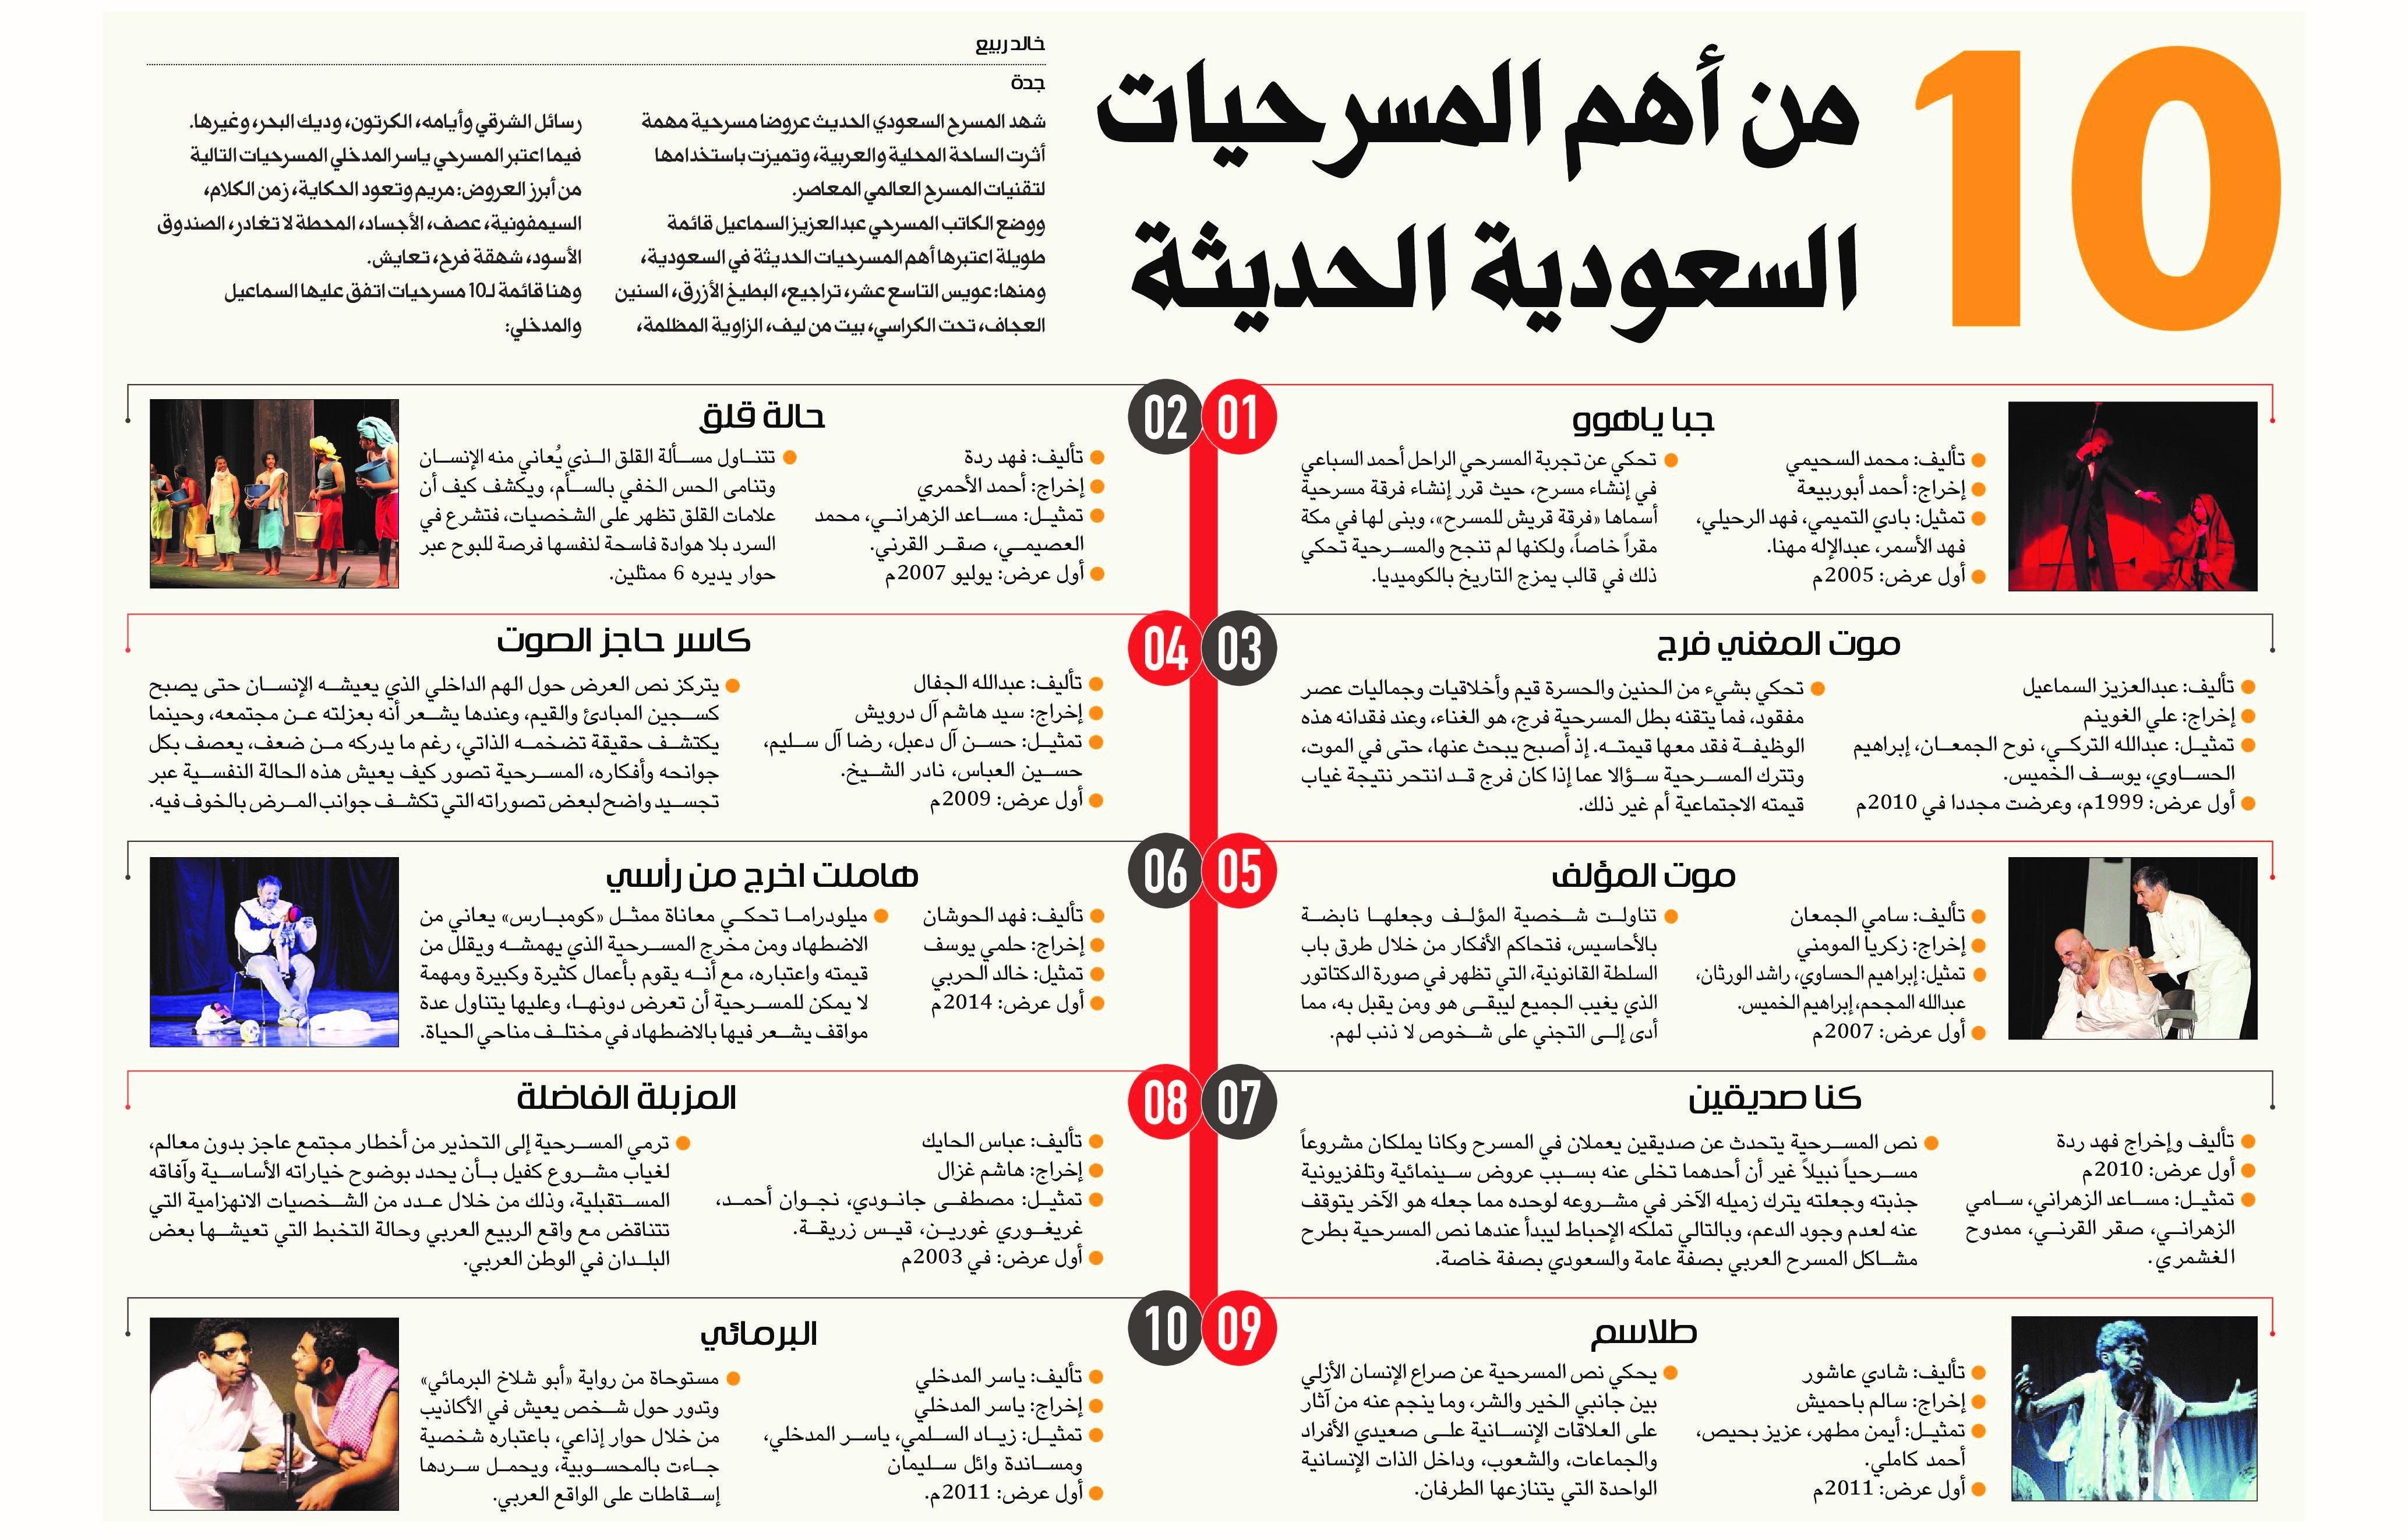 10 من أهم المسرحيات السعودية الحديثة صحيفة مكة انفوجرافيك تقنية Infographic Lole Makkah